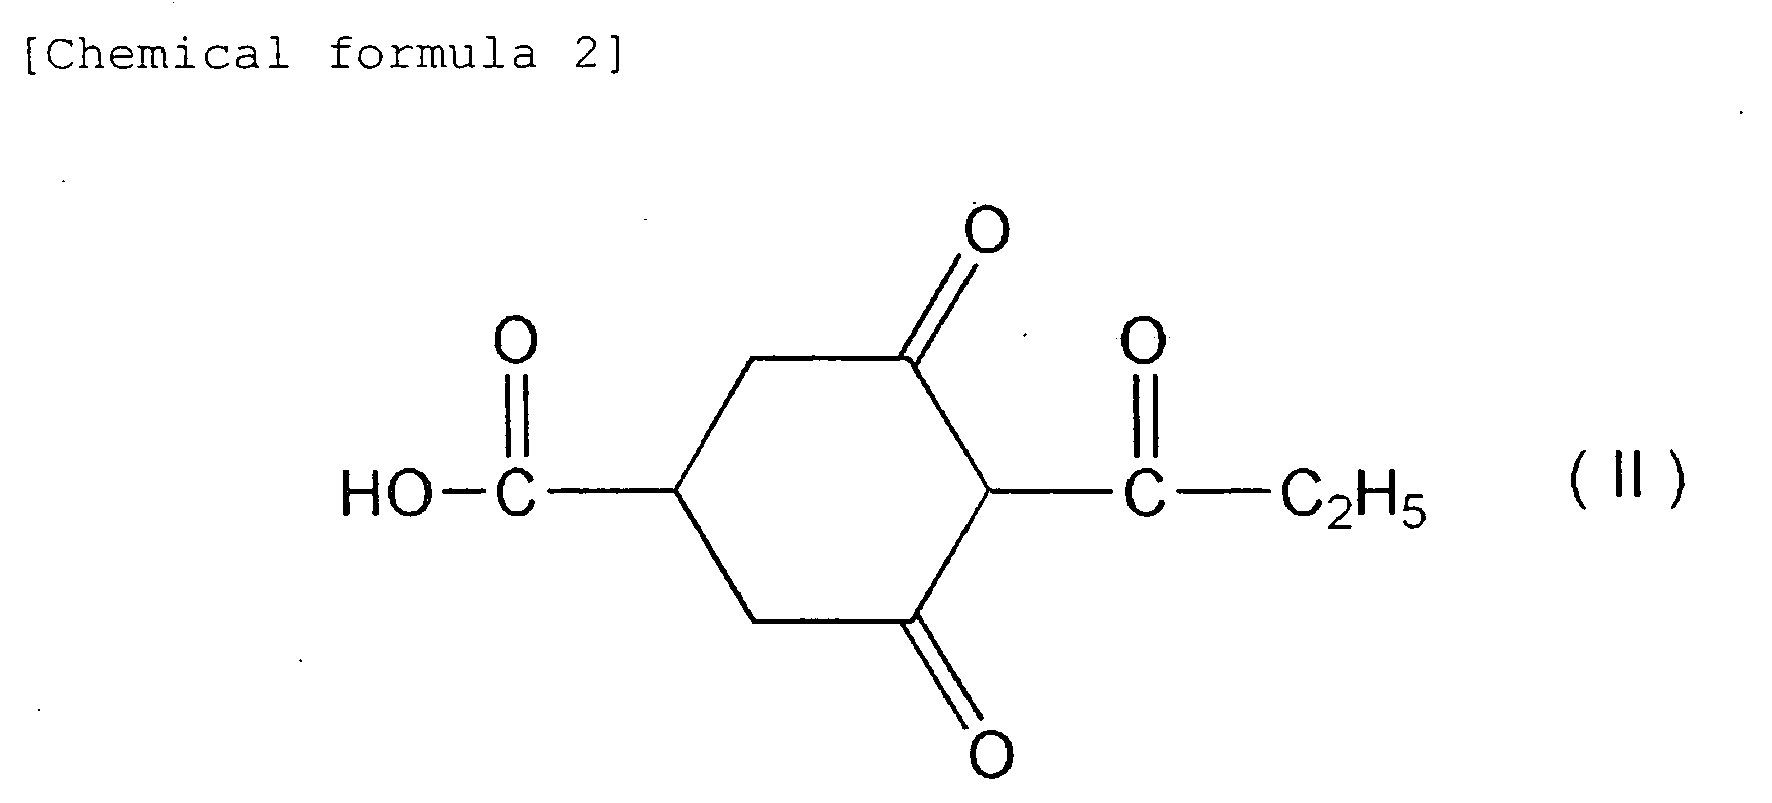 salt chemistry chemical formula for salt chemical. Black Bedroom Furniture Sets. Home Design Ideas